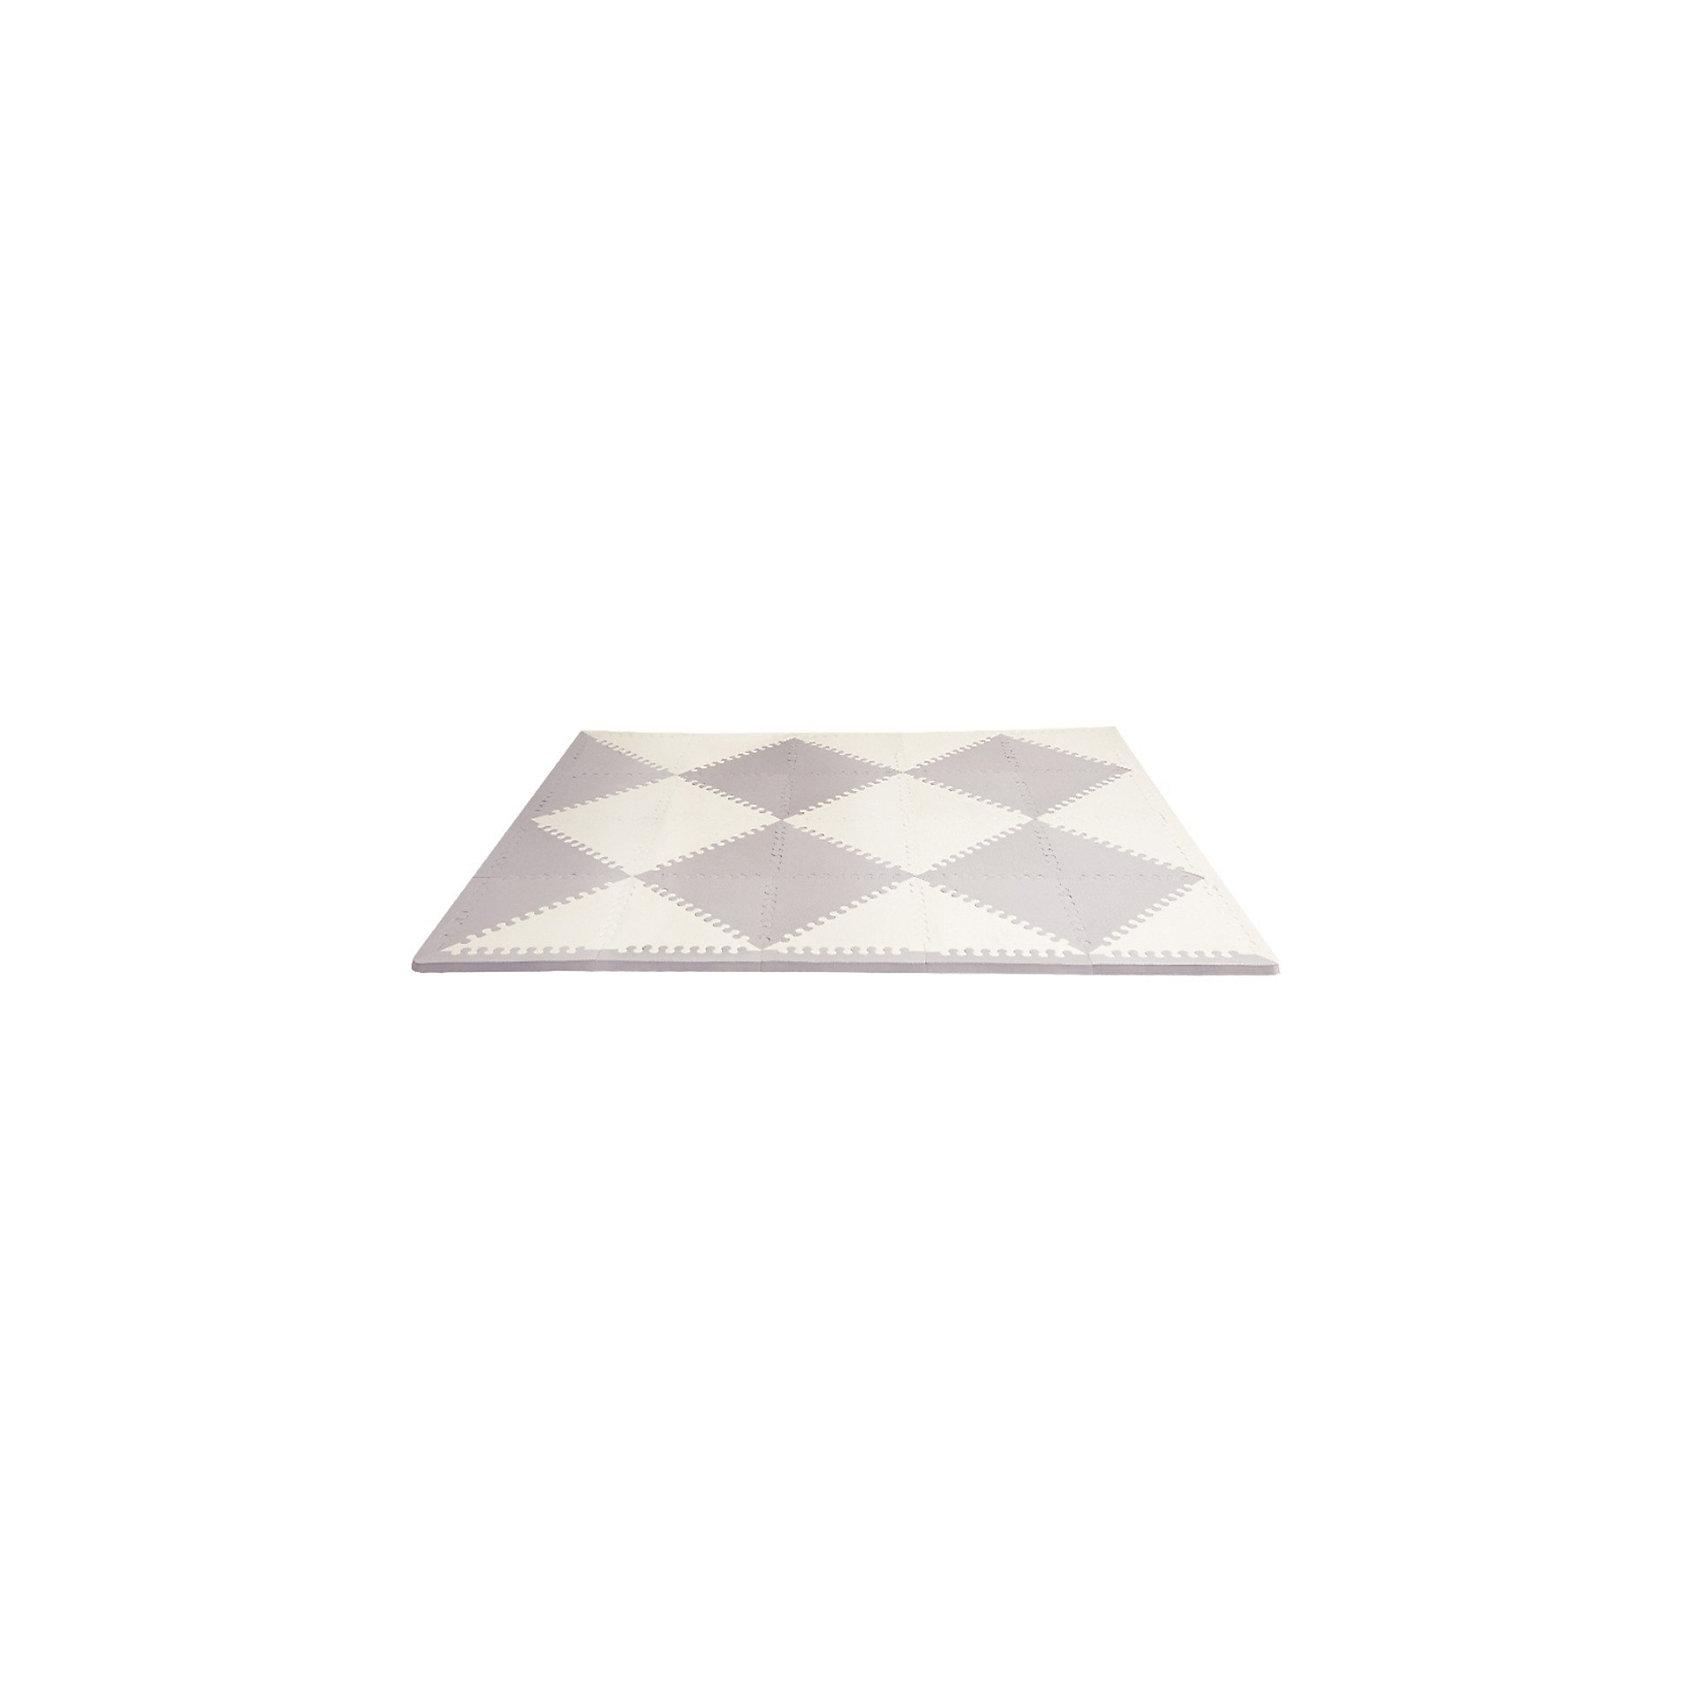 Напольный коврик, Skip Hop, серый/кремКовры<br>Характеристики товара:<br><br>• возраст от 10 месяцев;<br>• материал: ПВХ;<br>• в комплекте: 40 треугольников, 32 детали-кромки;<br>• размер коврика 178х142 см;<br>• страна производитель: Китай.<br><br>Напольный коврик Playspot Skip Hop серый/кремовый — развивающий коврик для детей от 10 месяцев, который может служить как обычным ковриком для игр и занятий, так и настоящим пазлом из больших деталей. Детали коврика можно соединять между собой в любой конфигурации и менять постоянно местами. Собирая пазл, дети выучат формы, цвета, у них развивается моторика рук, мышление, цветовое восприятие, тактильные ощущения. Коврик изготовлен из качественного приятного на ощупь материала, безопасного для детей.<br><br>Напольный коврик Playspot Skip Hop серый/кремовый можно приобрести в нашем интернет-магазине.<br><br>Ширина мм: 380<br>Глубина мм: 290<br>Высота мм: 360<br>Вес г: 2634<br>Возраст от месяцев: 24<br>Возраст до месяцев: 84<br>Пол: Унисекс<br>Возраст: Детский<br>SKU: 5608241